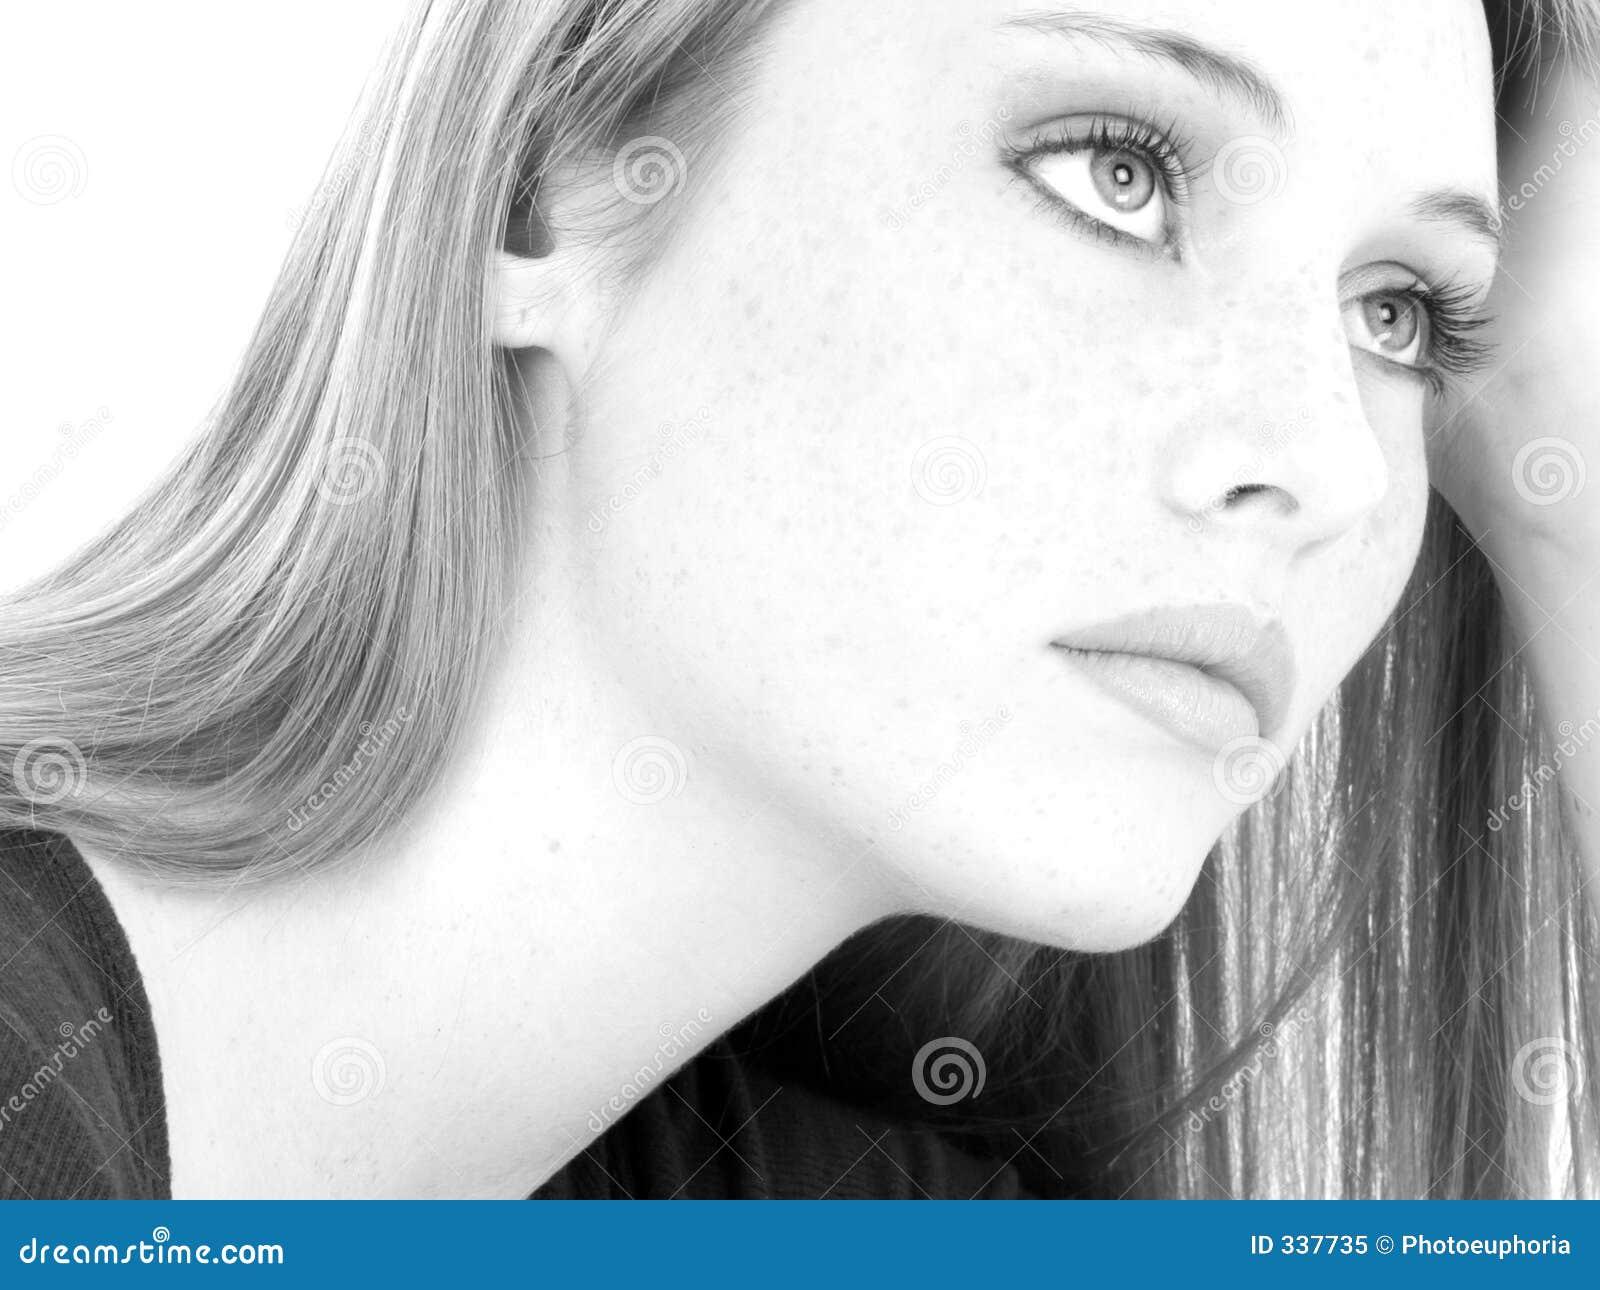 Toevallige zwart wit van het meisje van de tiener dichte omhoog royalty vrije stock foto - Zwart witte tiener slaapkamer ...